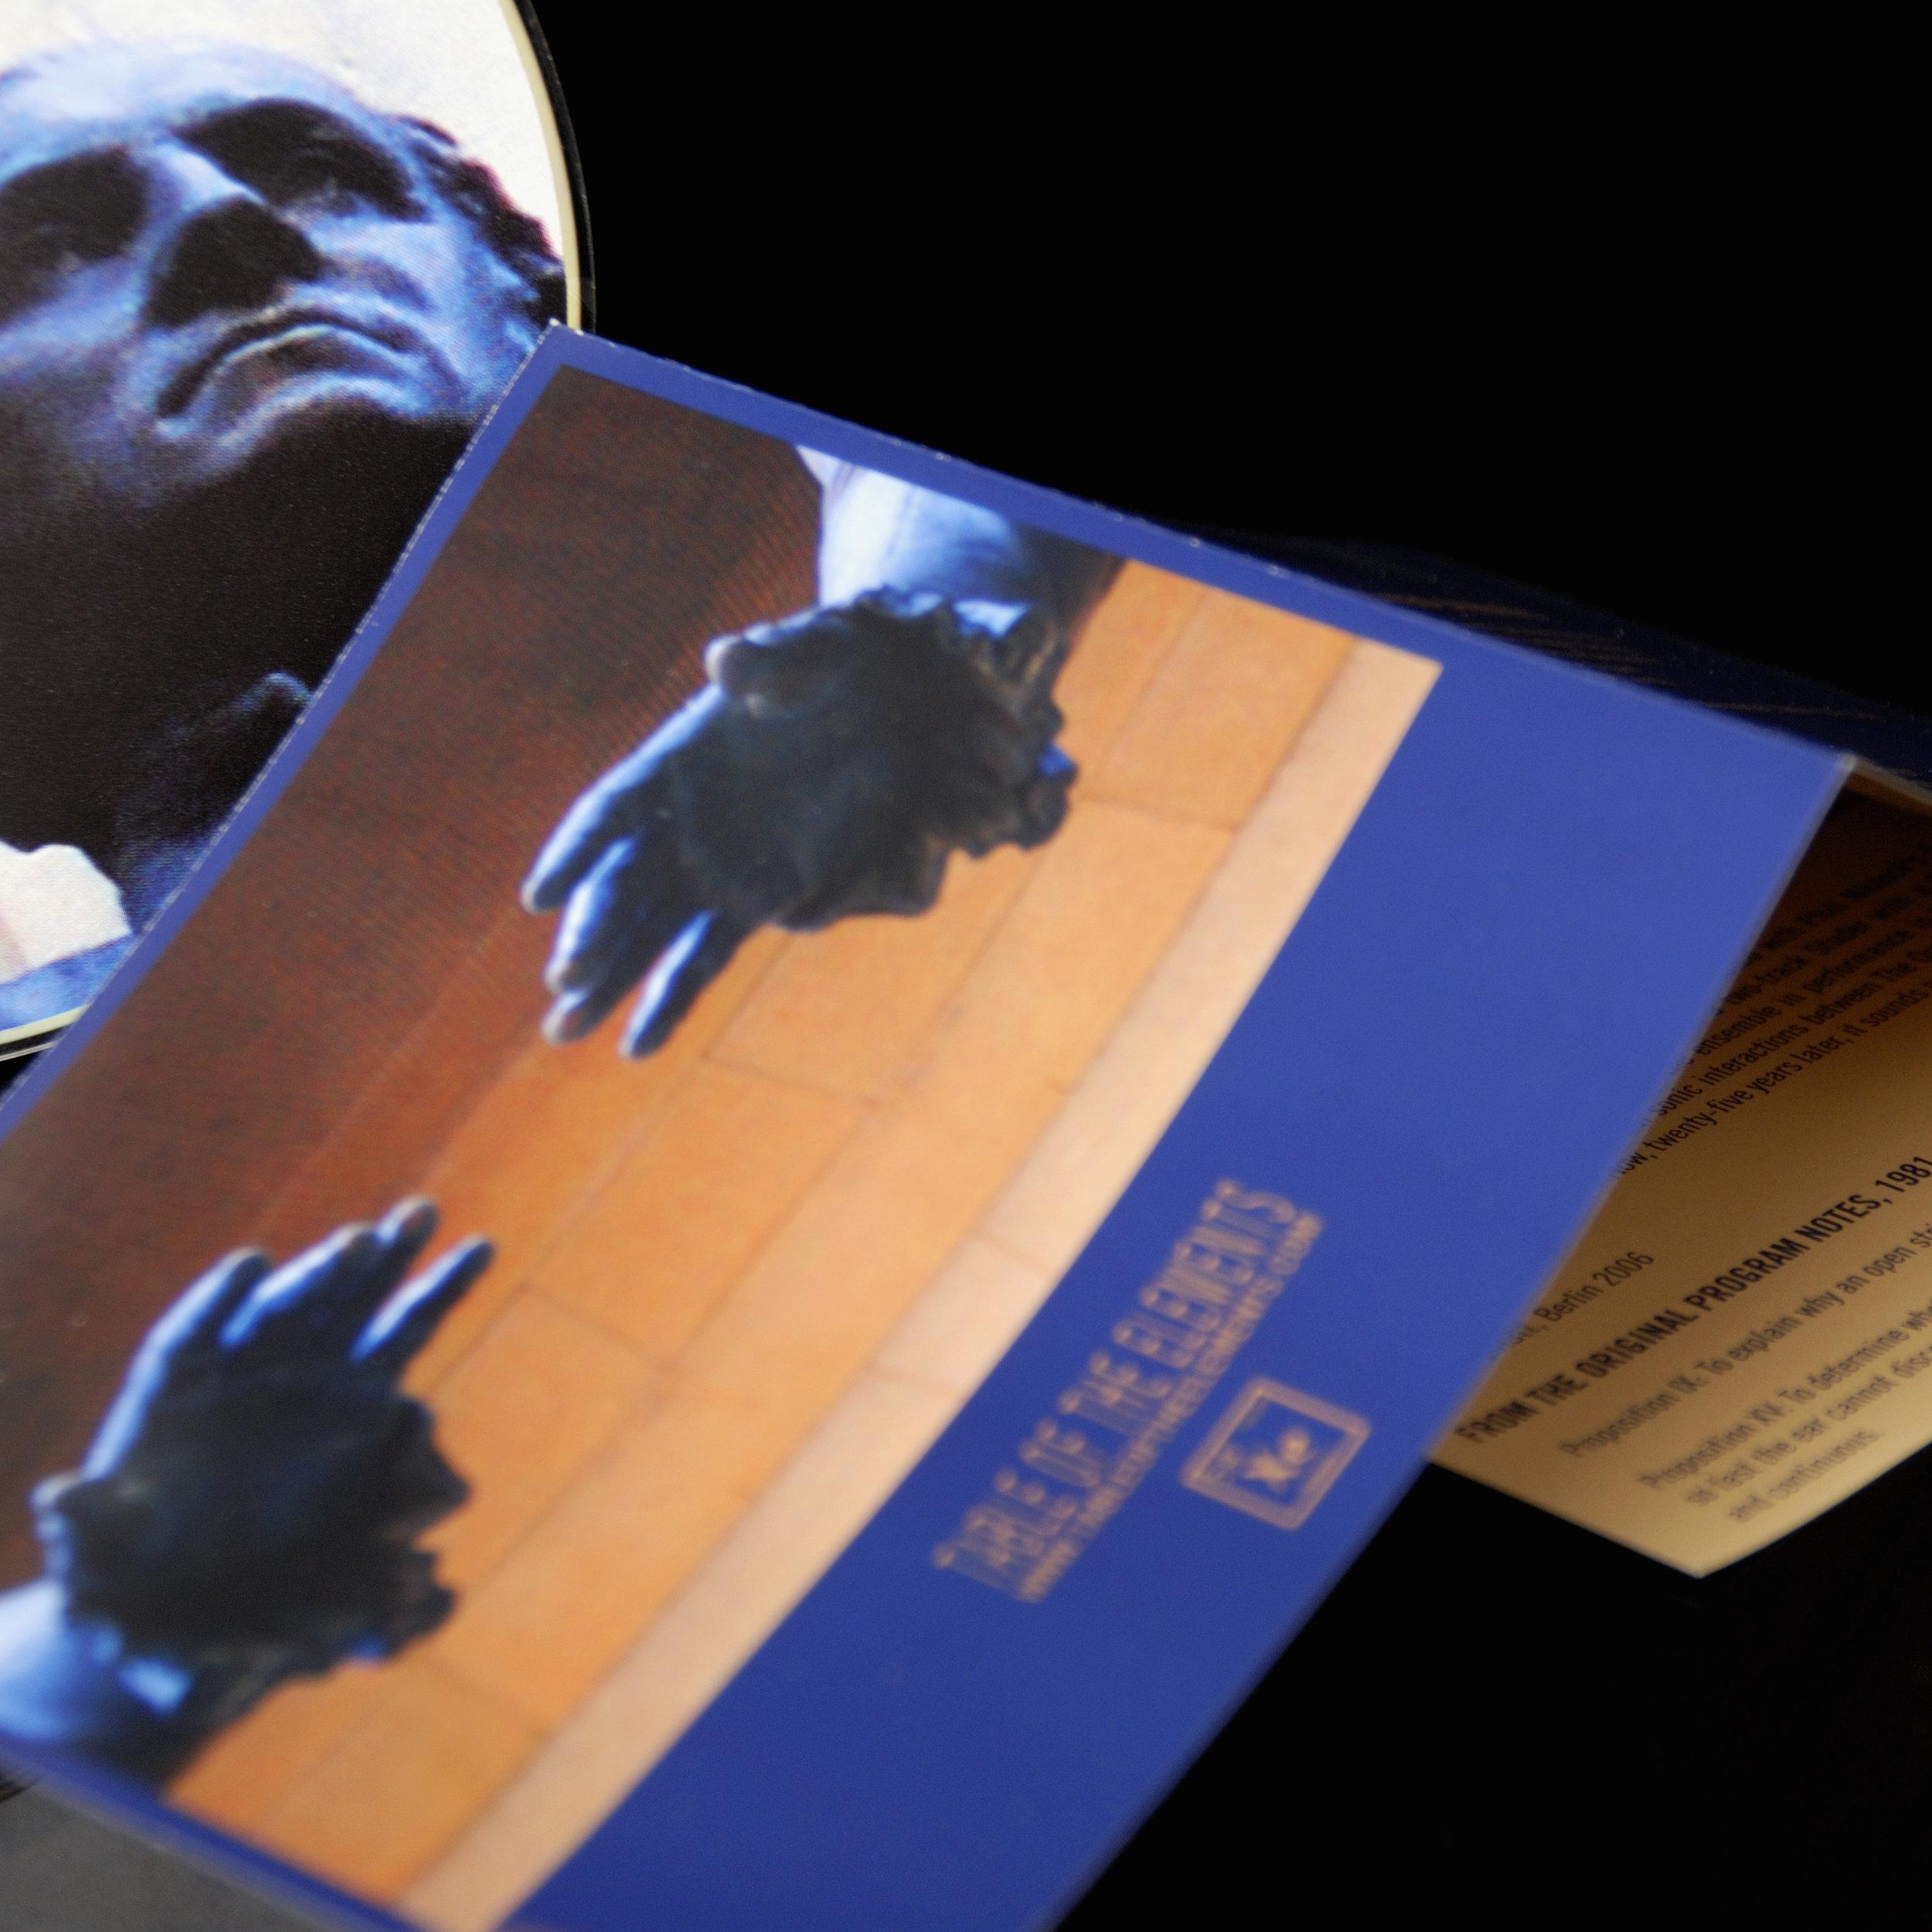 TOE-CD-054_020 copy.jpg